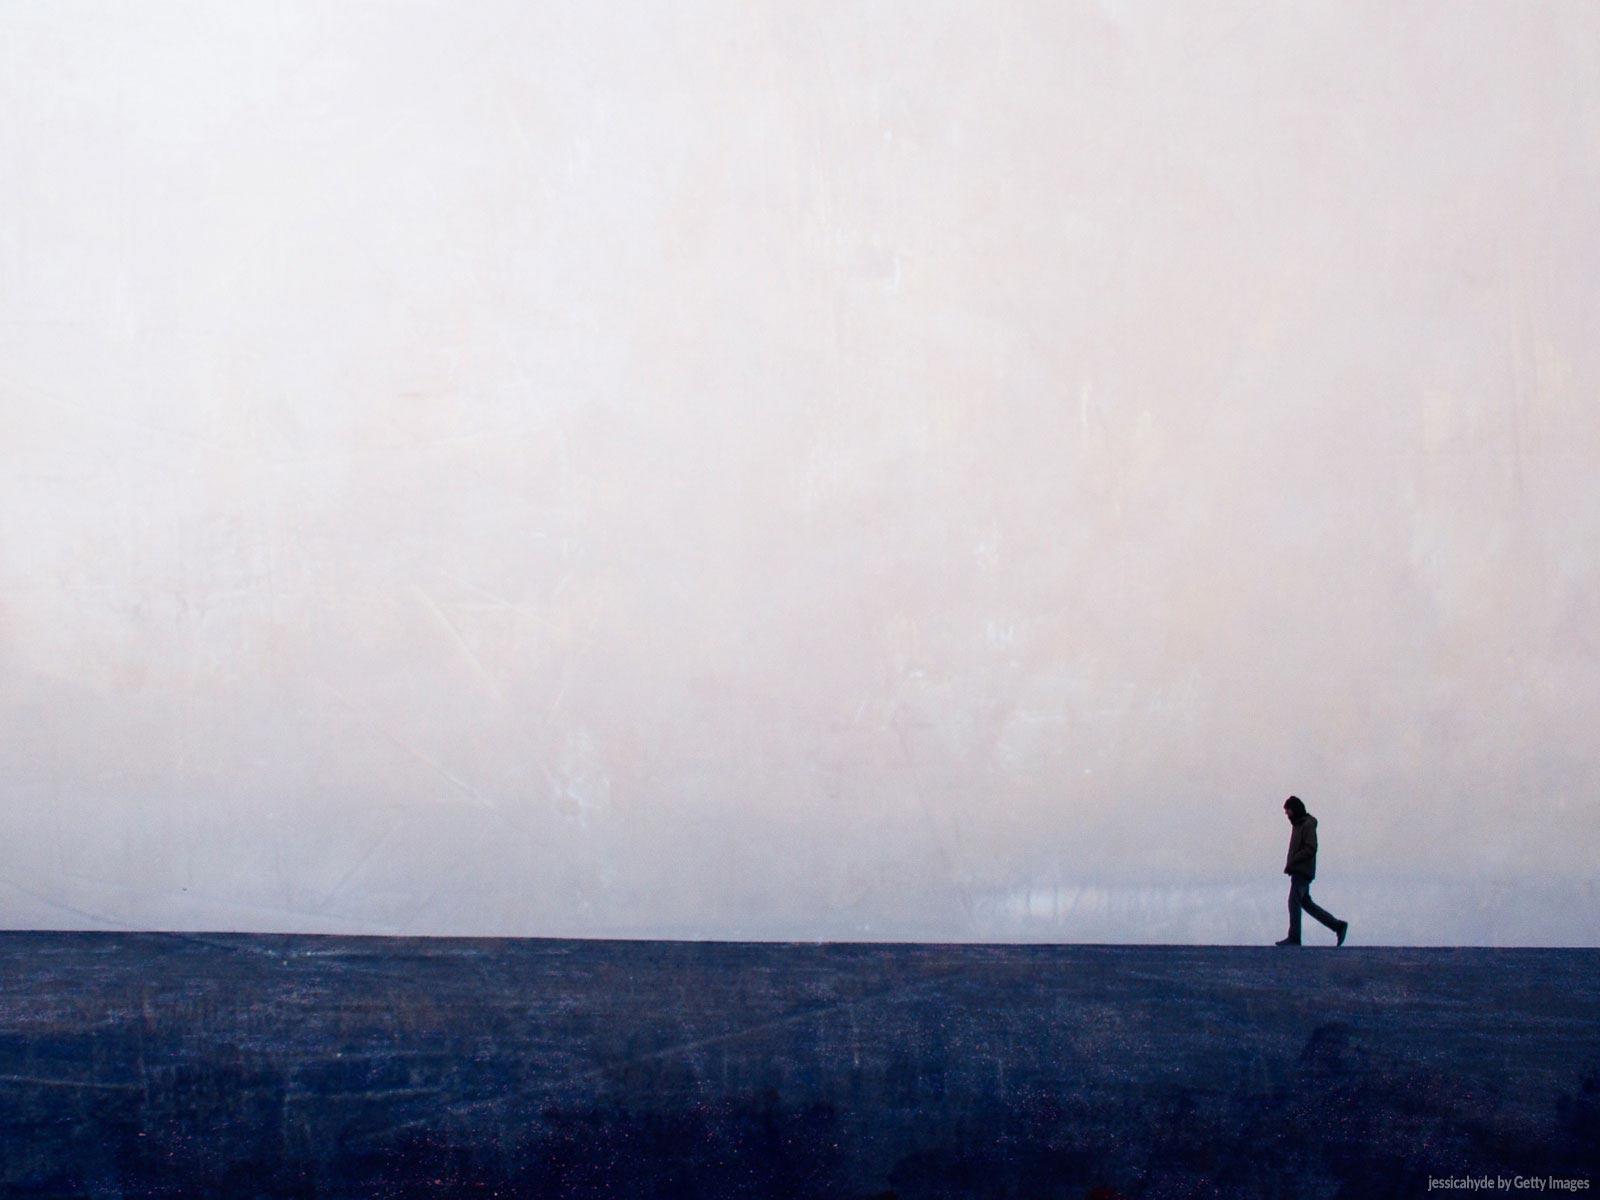 A falta de perseverança pode nos levar ao fracasso?